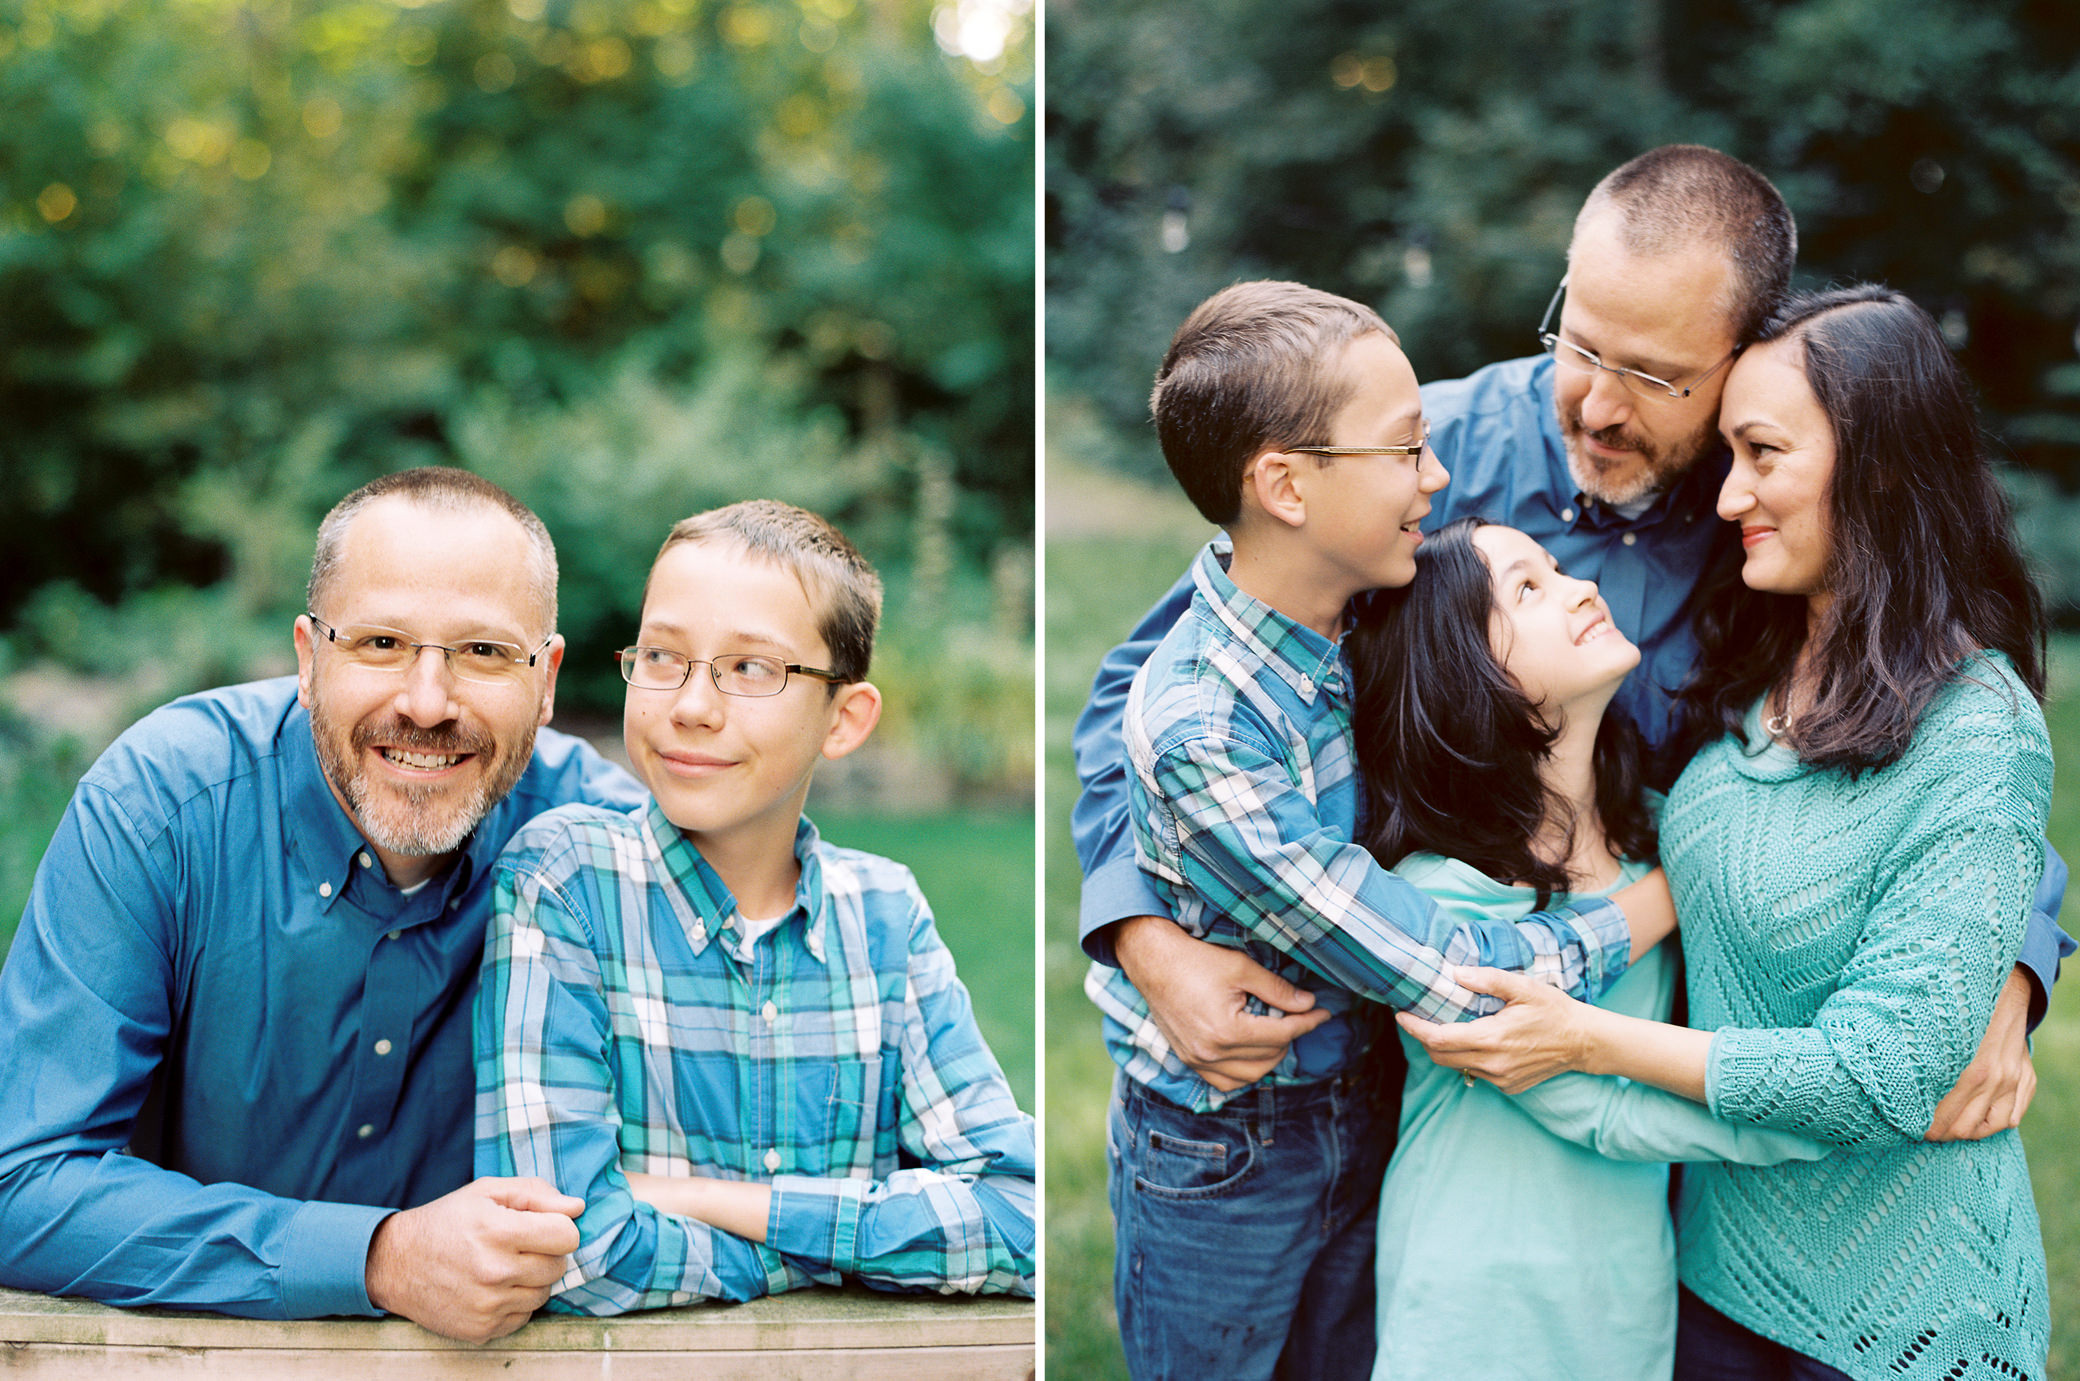 seattle-family-photographer-flemings-2016_0634.JPG